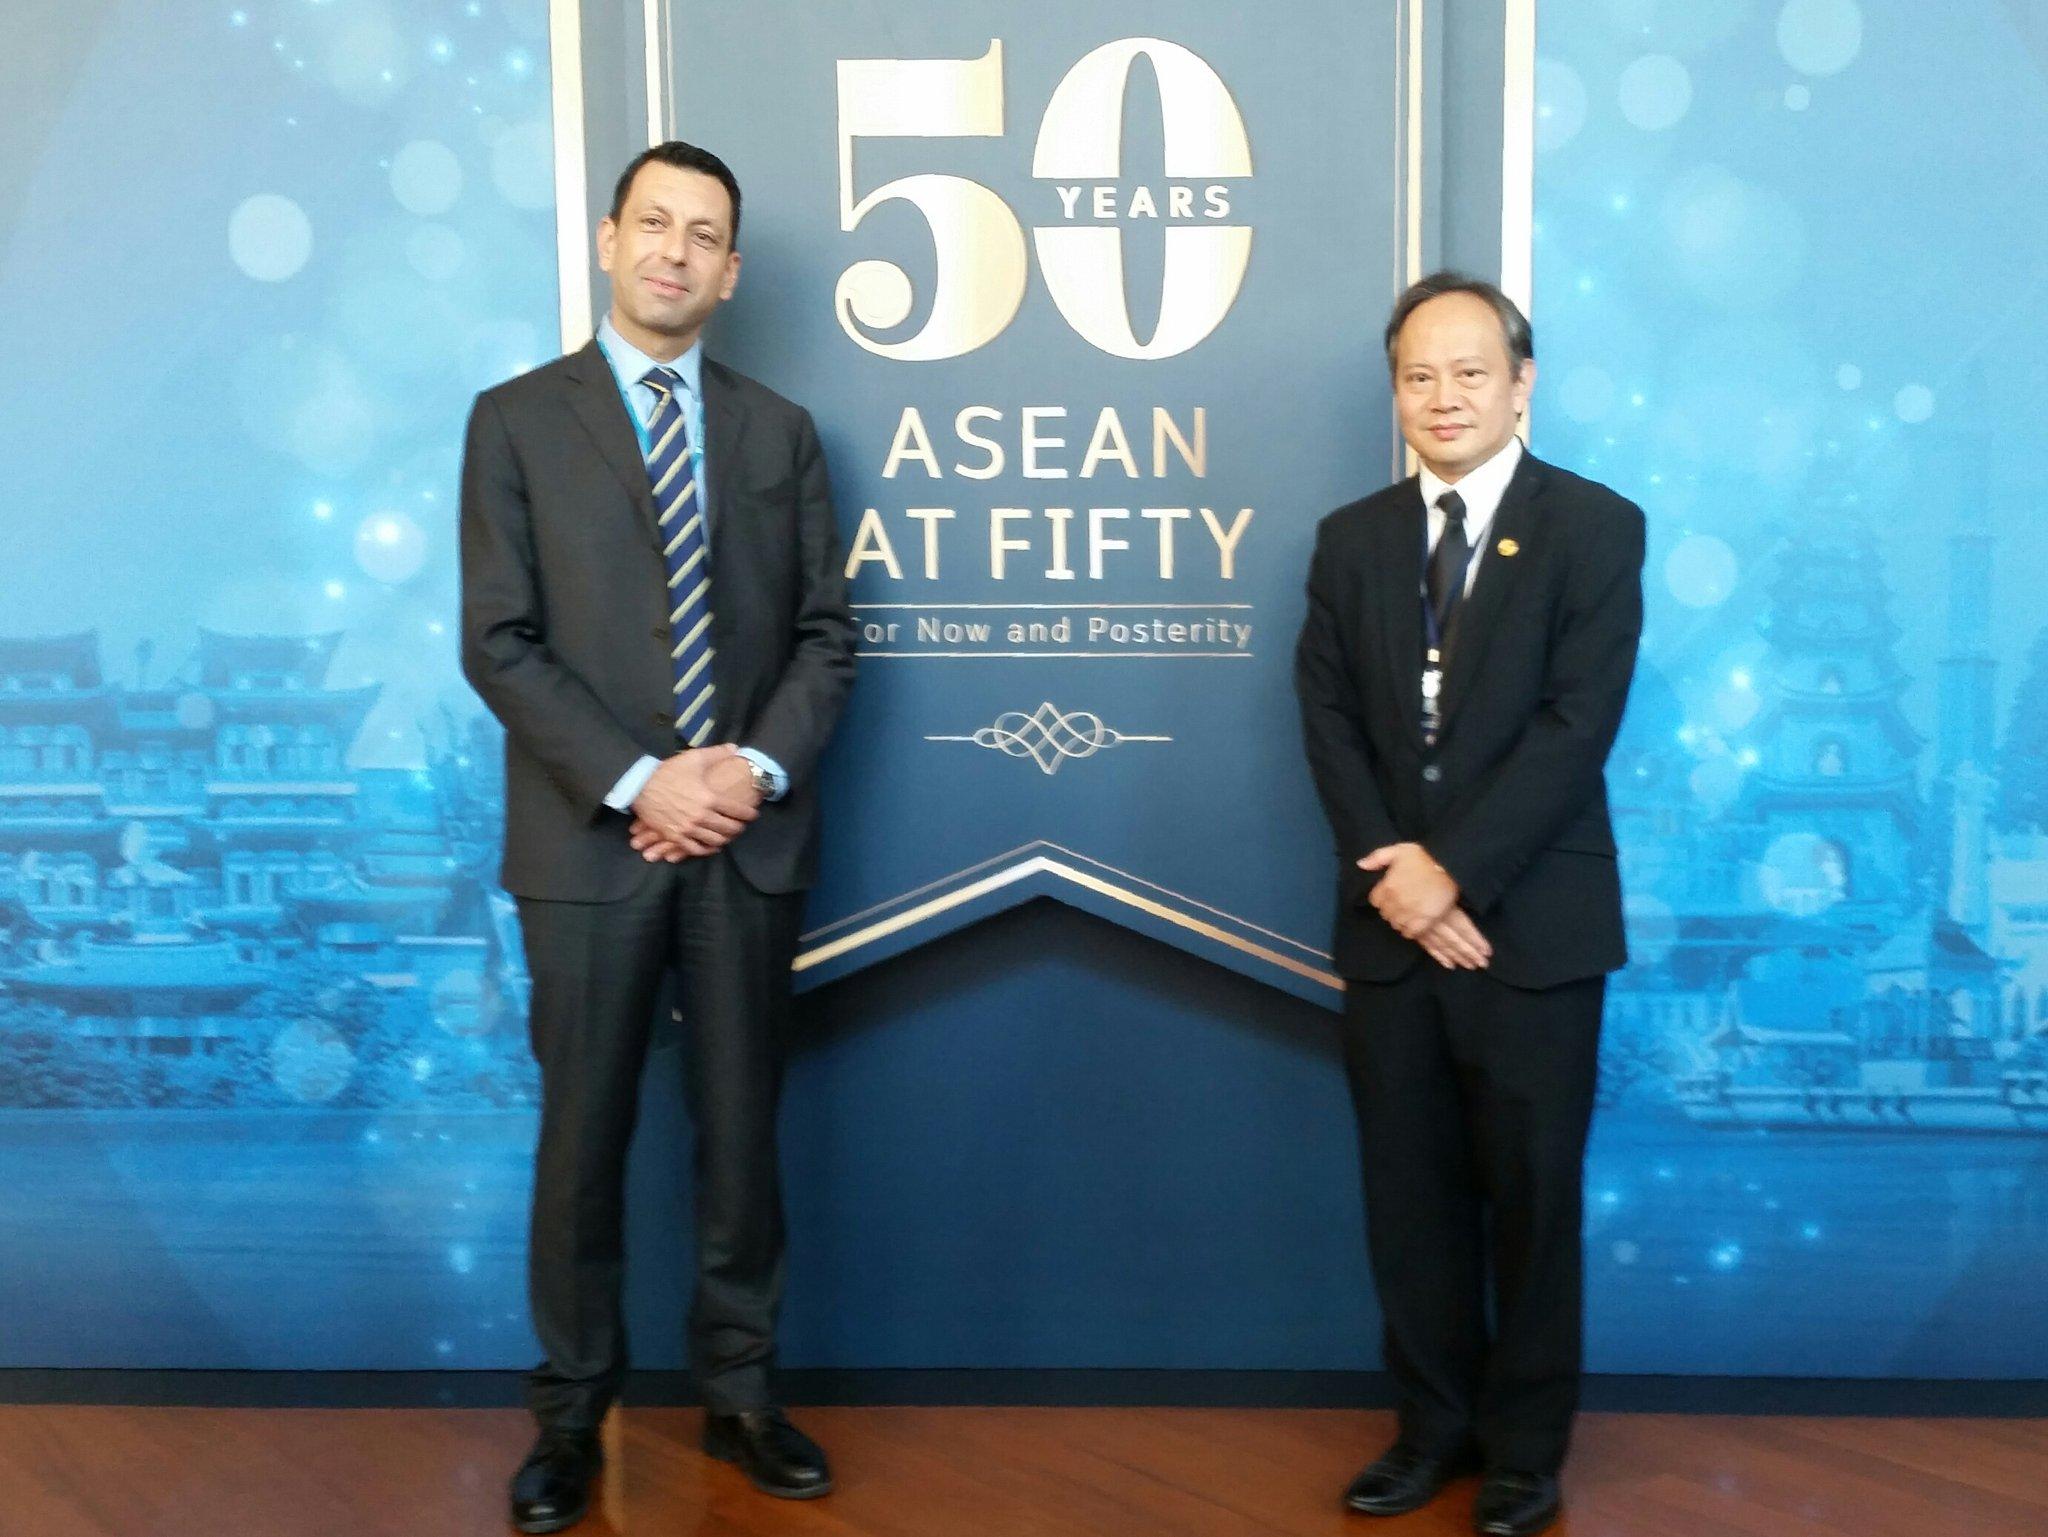 Commemorating 50th Anniversary of #ASEAN @ MOFA #Thailland @ThailandUN @UNESCAP https://t.co/feJk0QC5QR